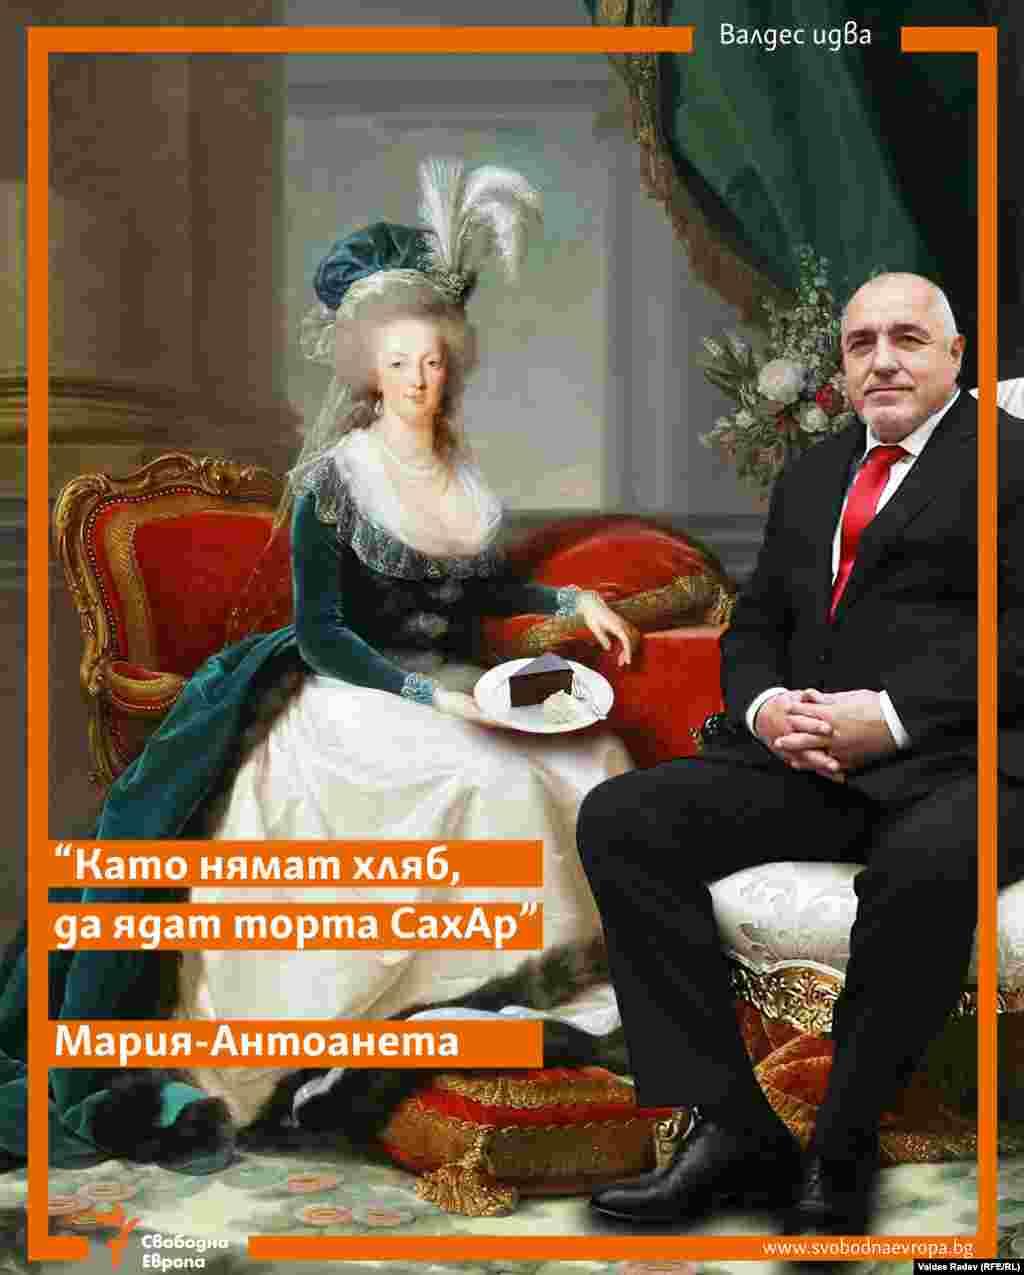 """През април премиерът Бойко Борисов участва в извънредна среща на Европейския съвет в Брюксел. По време на една от почивките в неформална обстановка австрийският канцлер Себастиан Курц попита Борисов на английски дали желае кафе. Той му отговори, че си има торта """"Сахар"""", визирайки известния австрийски десерт """"Сахер""""."""